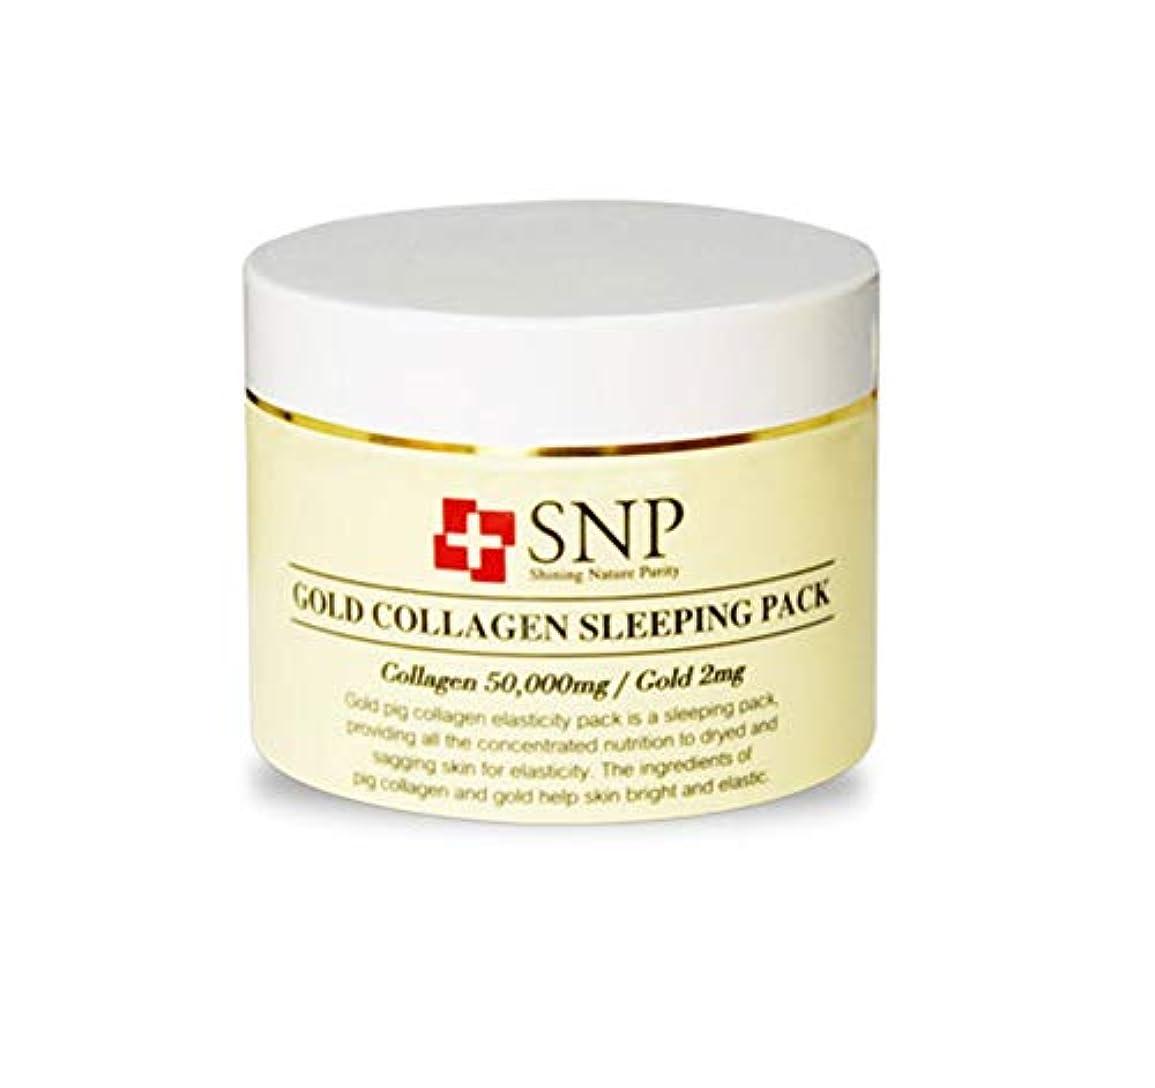 劇的流行している語エスエンピSNP 韓国コスメ ゴールドコラーゲンスリーピングパック睡眠パック100g 海外直送品 SNP Gold Collagen Sleeping Pack Night Cream [並行輸入品]